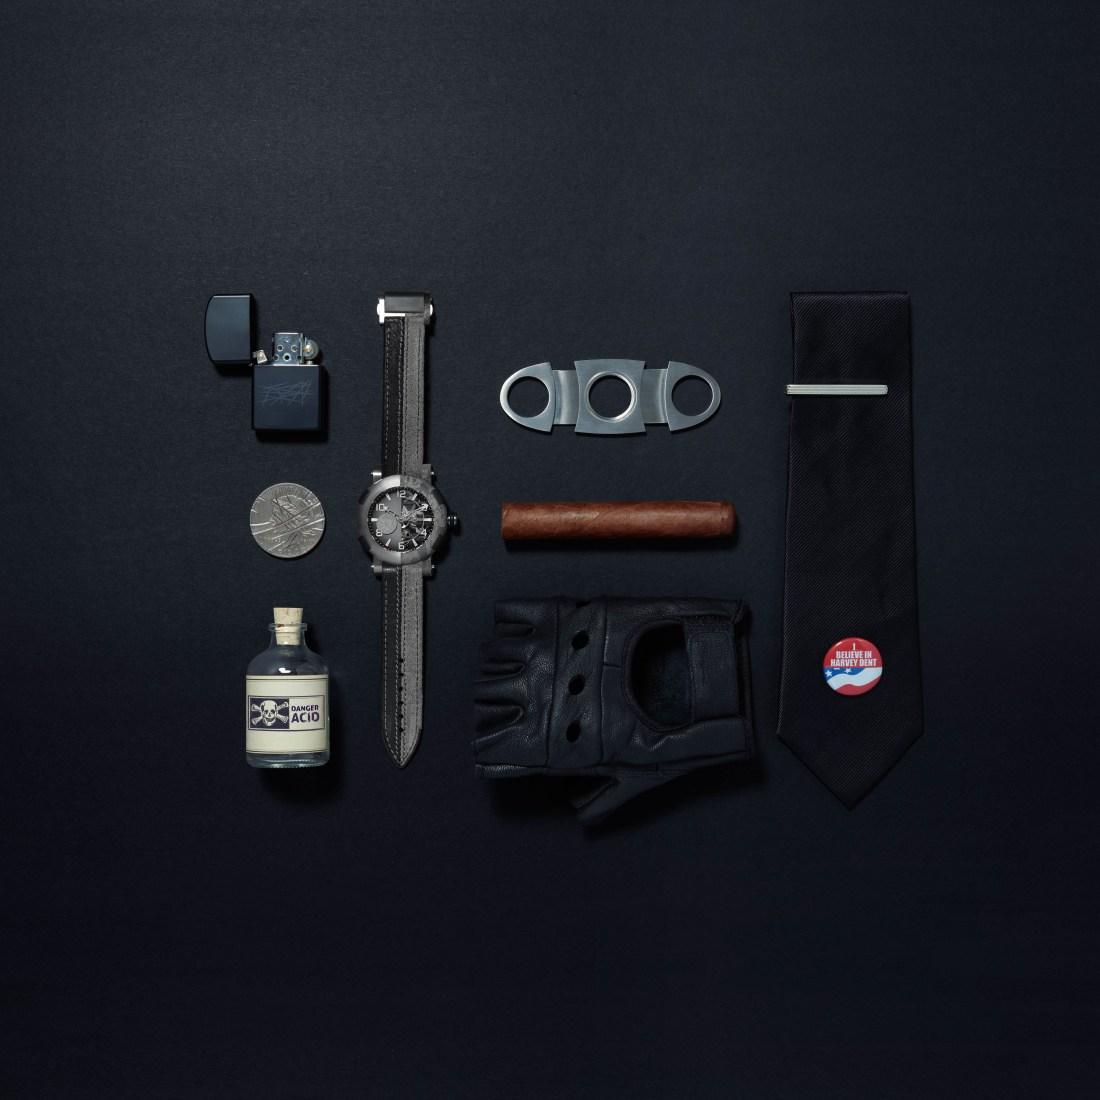 Encendedor, botella de ácido, reloj, guante, puro y corbata sobre una mesa negra